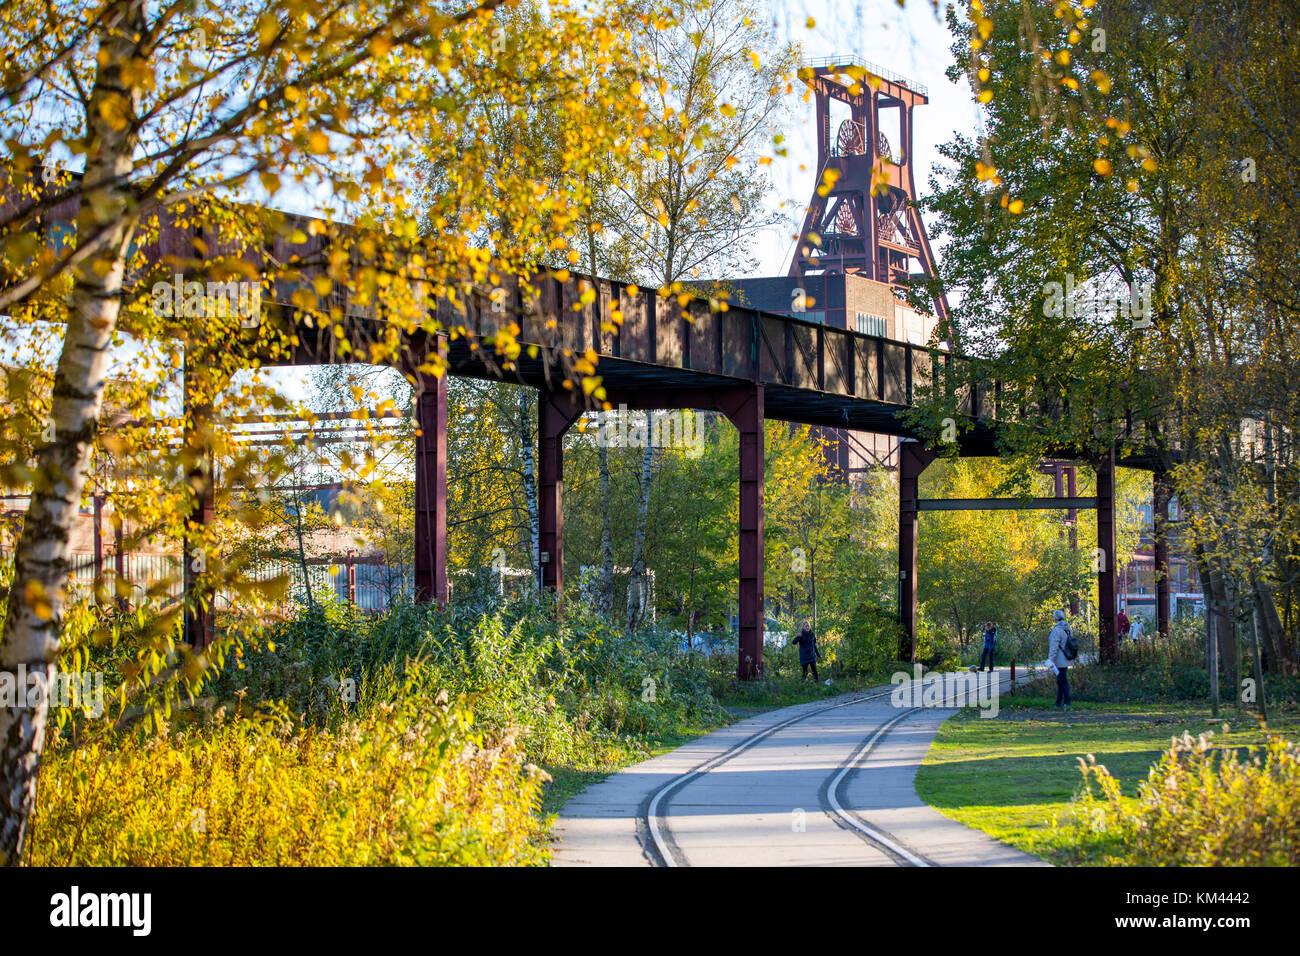 UNESCO world heritage site, Zeche Zollverein colliery in Essen, Germany, - Stock Image